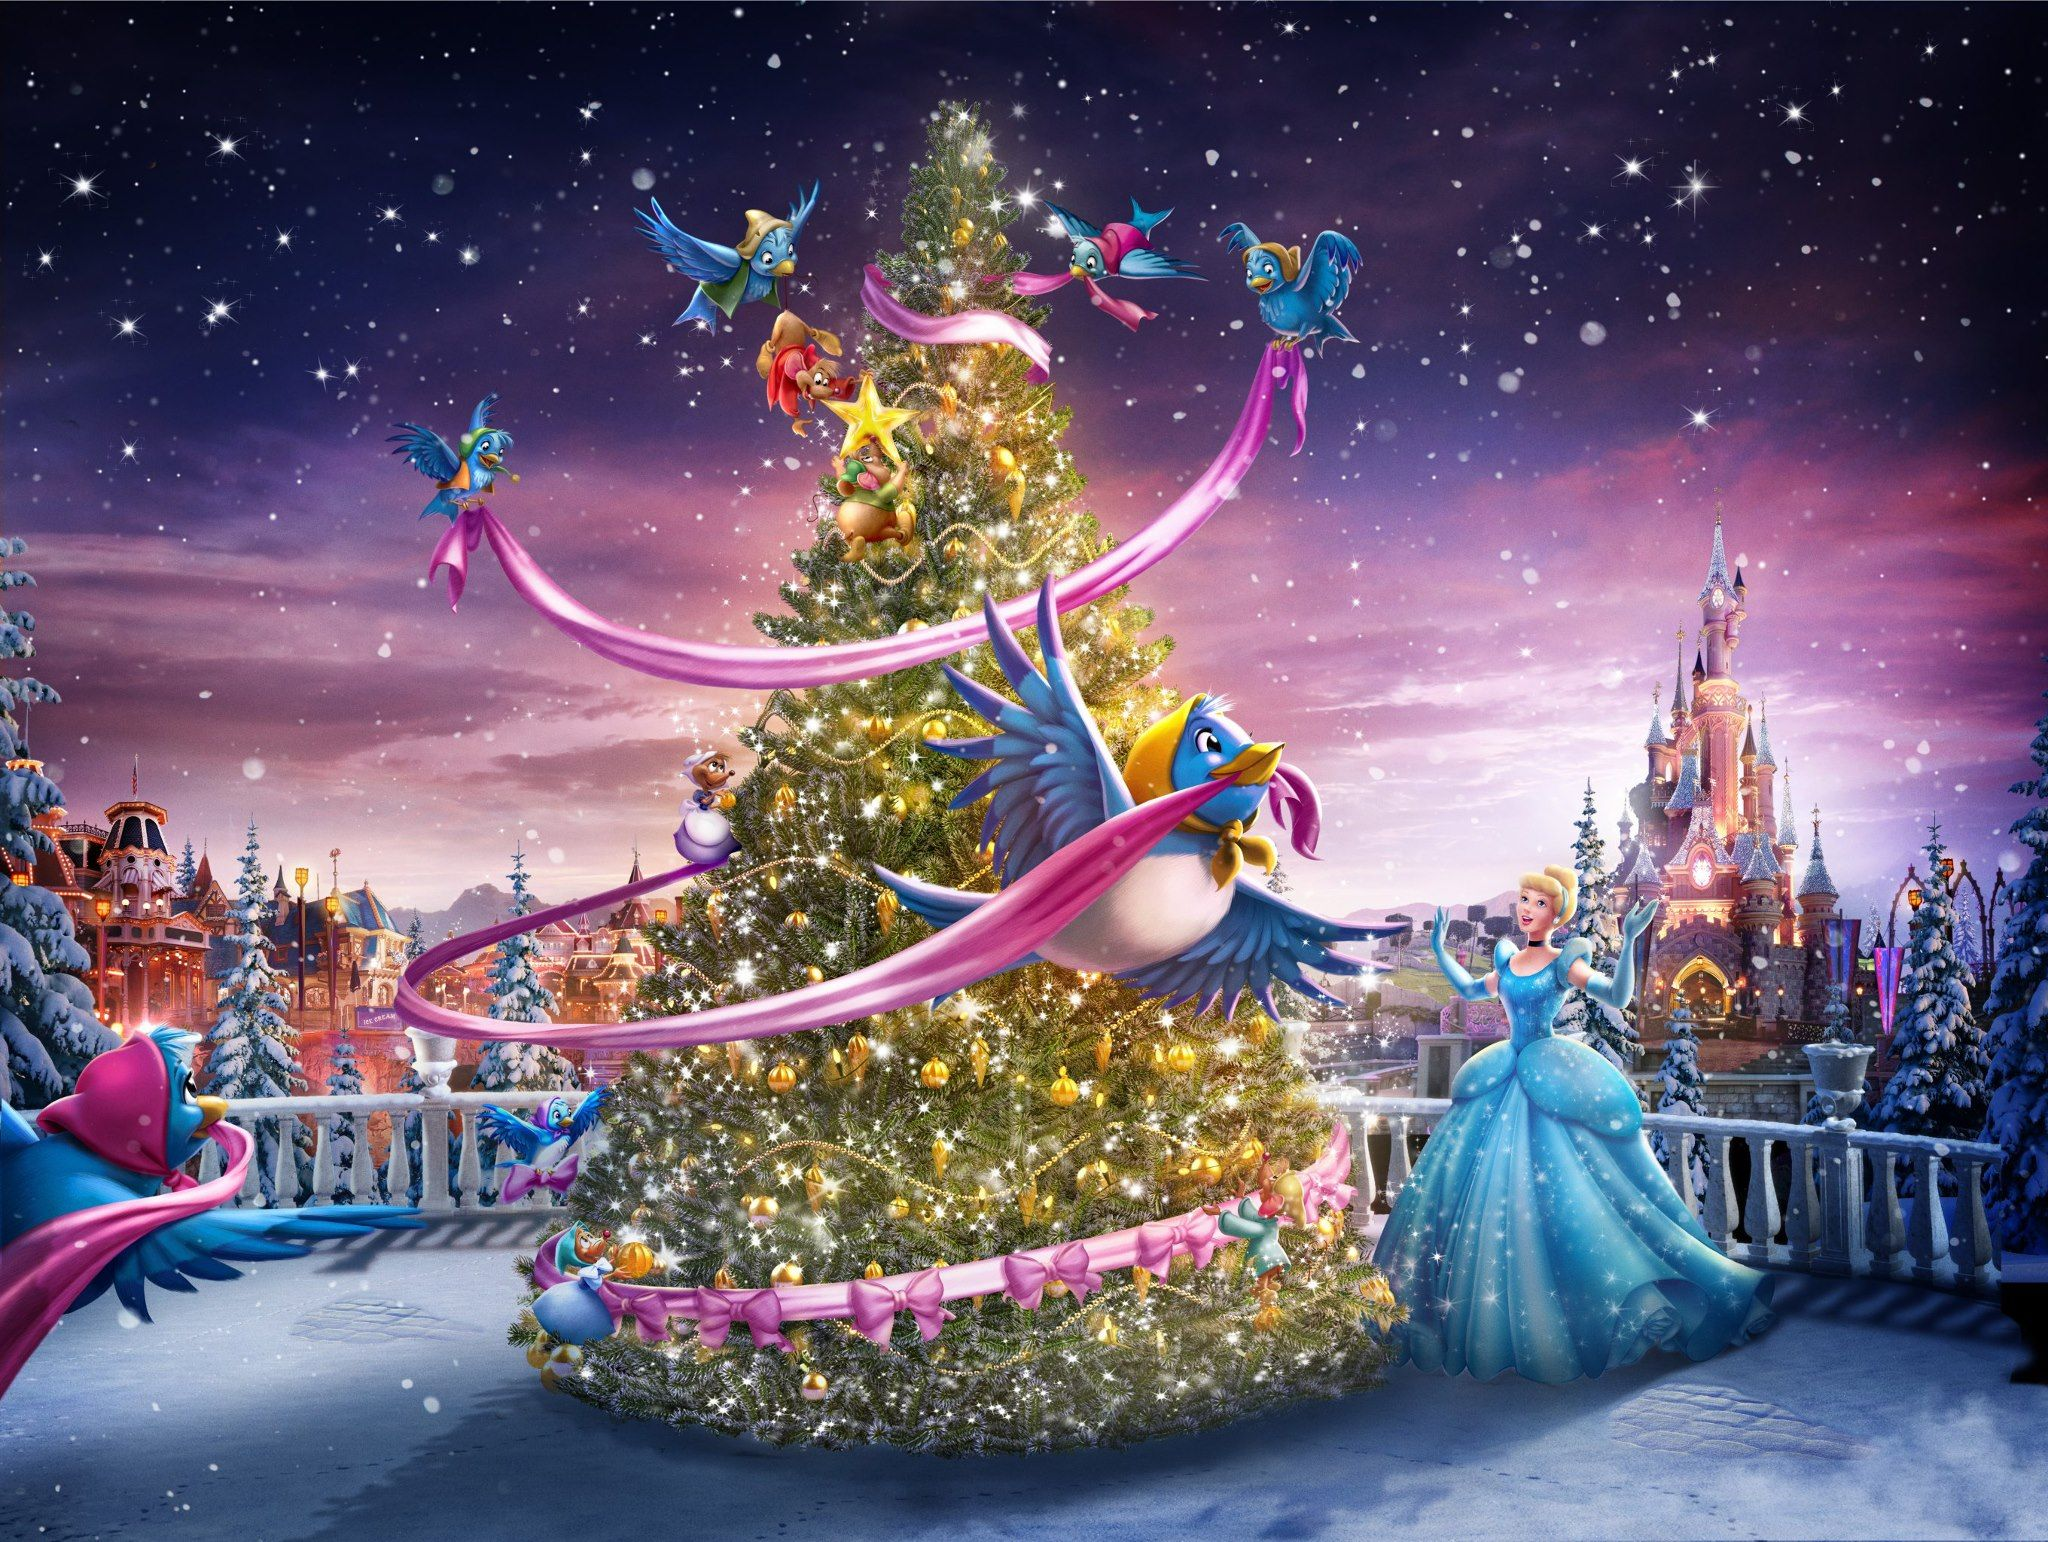 Disneyland christmas ce qui vous attend pour le noel - Joyeux noel disney ...